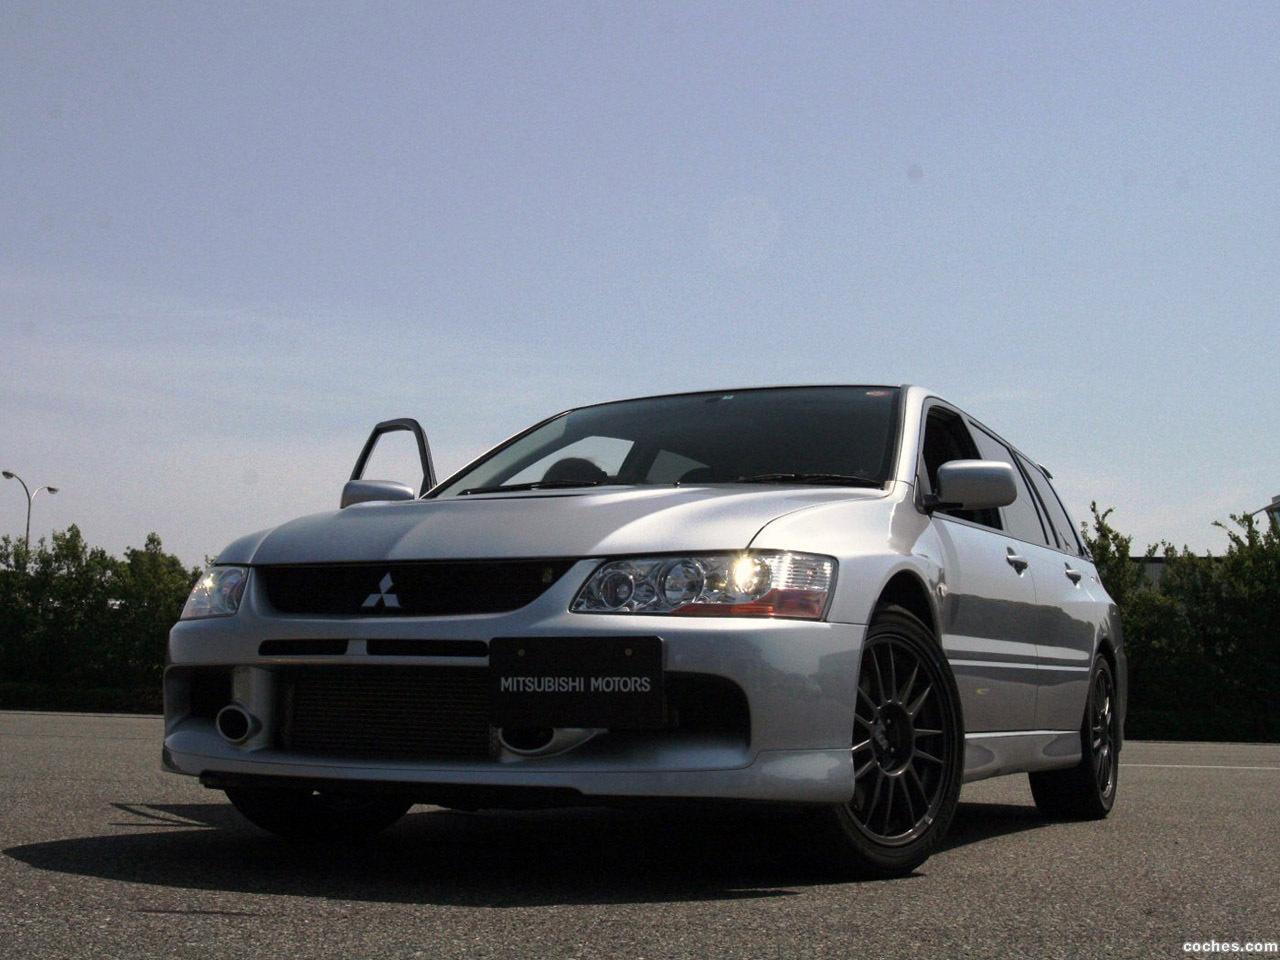 Foto 0 de Mitsubishi Lancer Evolution IX Wagon 2005